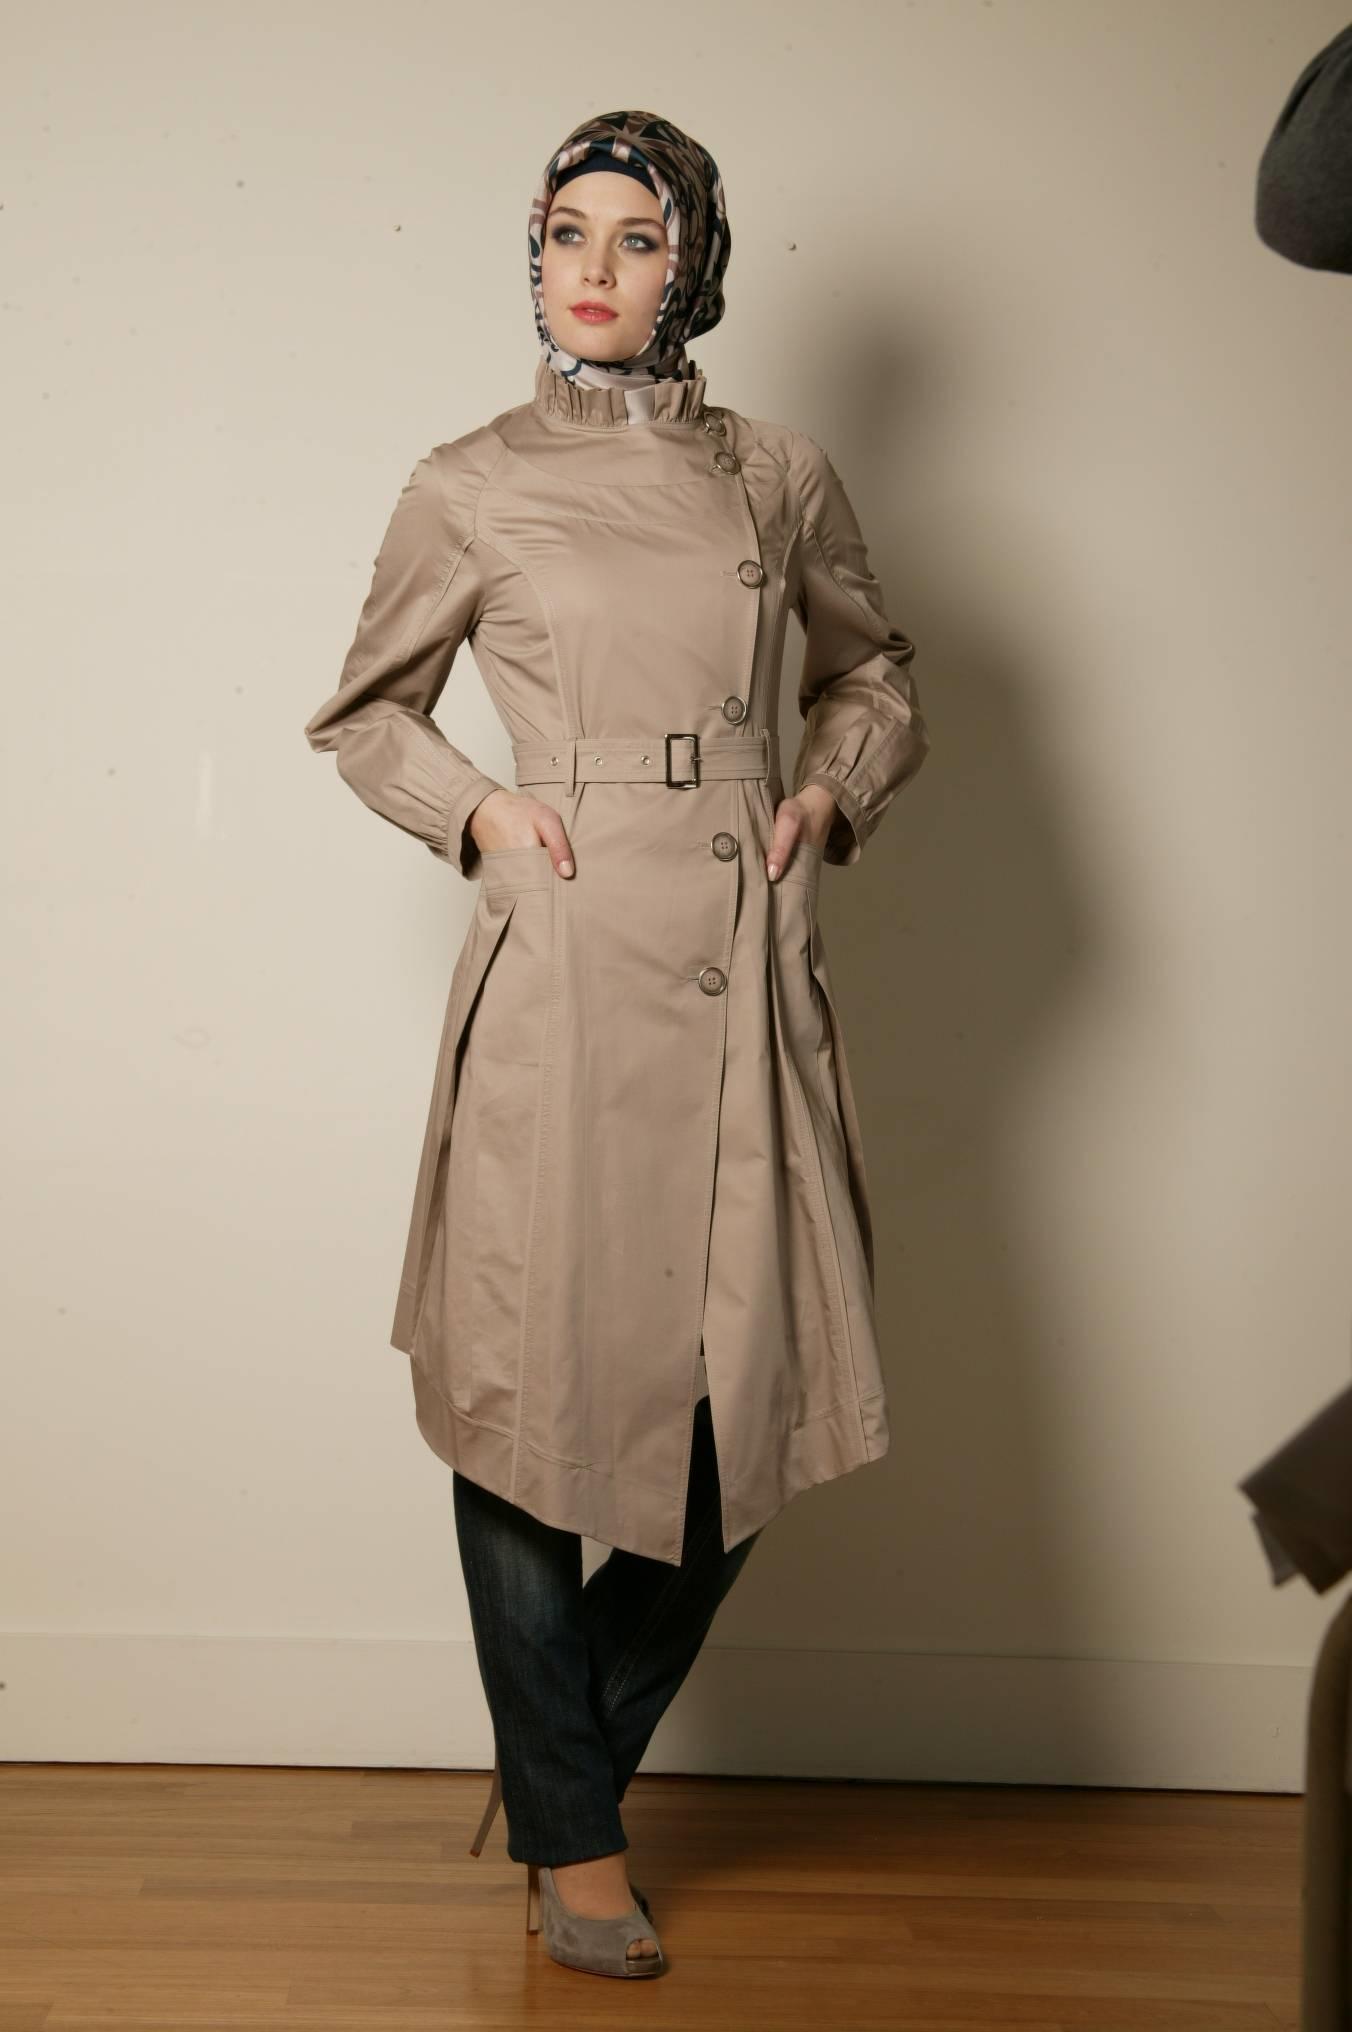 مدل مانتو مجلسی با حجاب